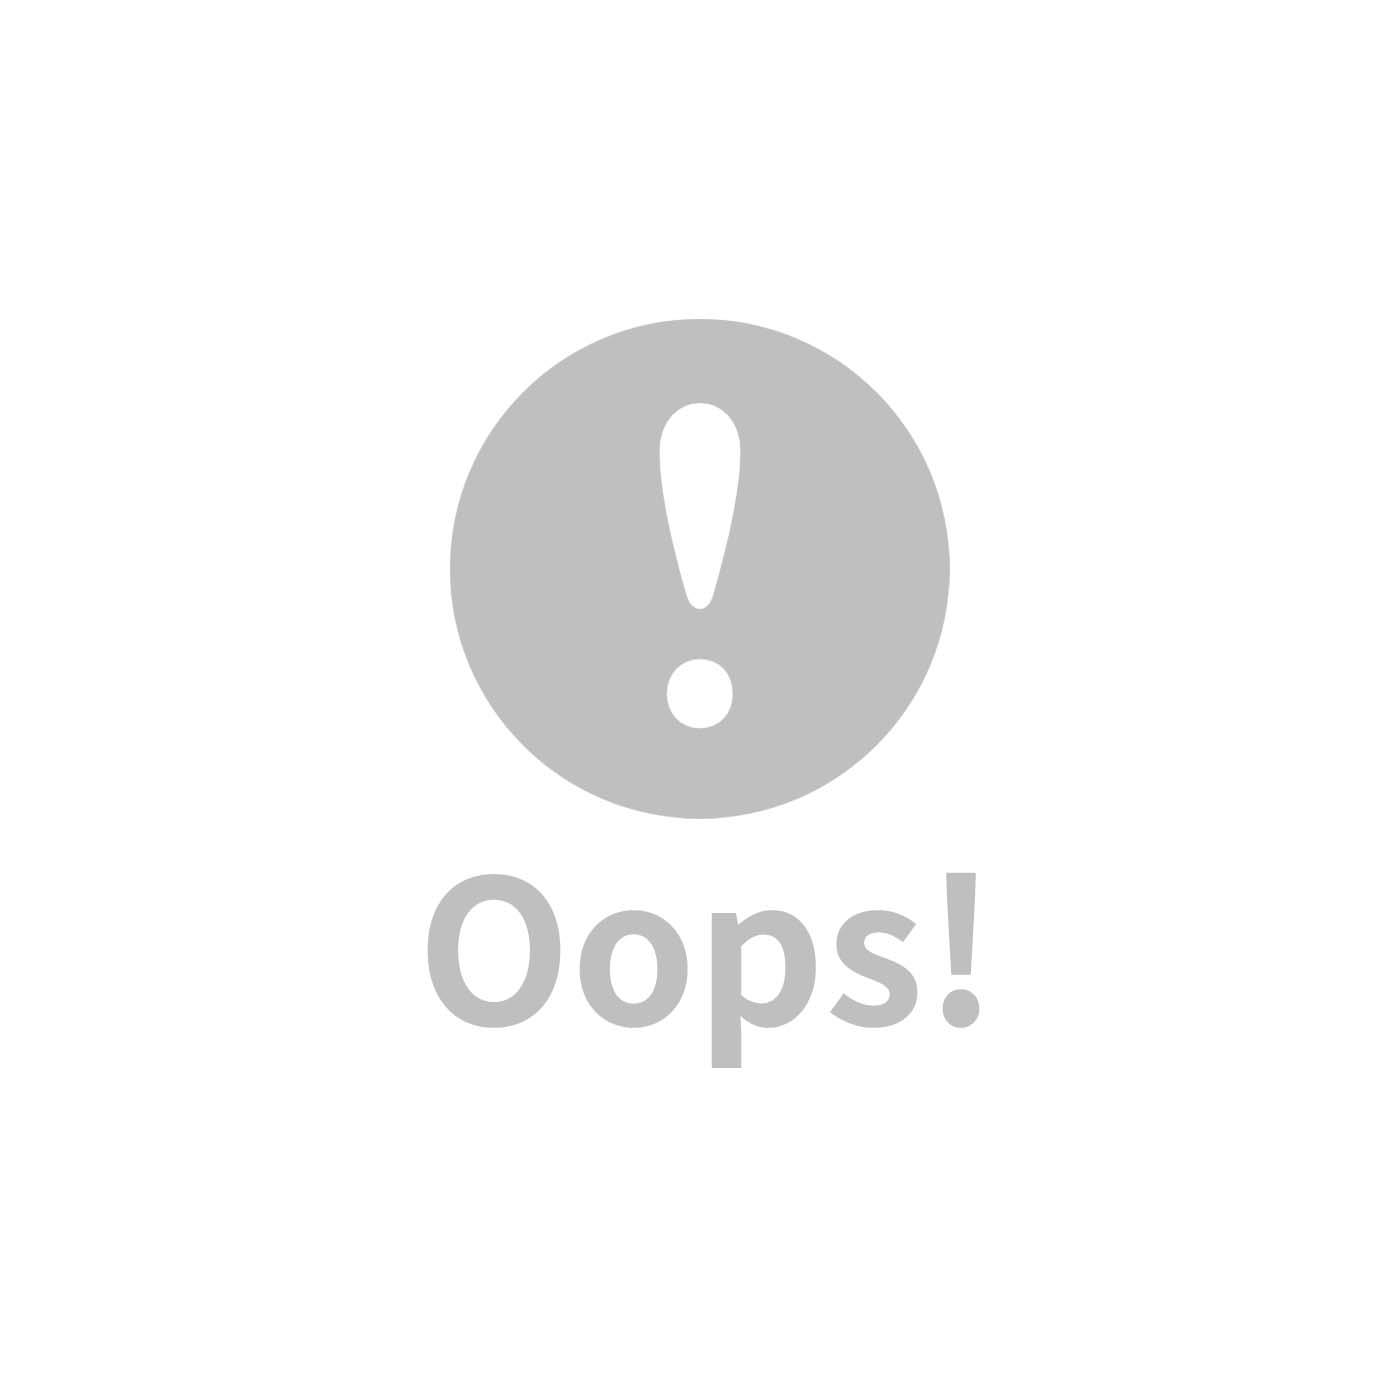 【12/19 12:30正式開賣】La Millou 逗比兔(粉紫馬卡龍-雨點達達鴨)